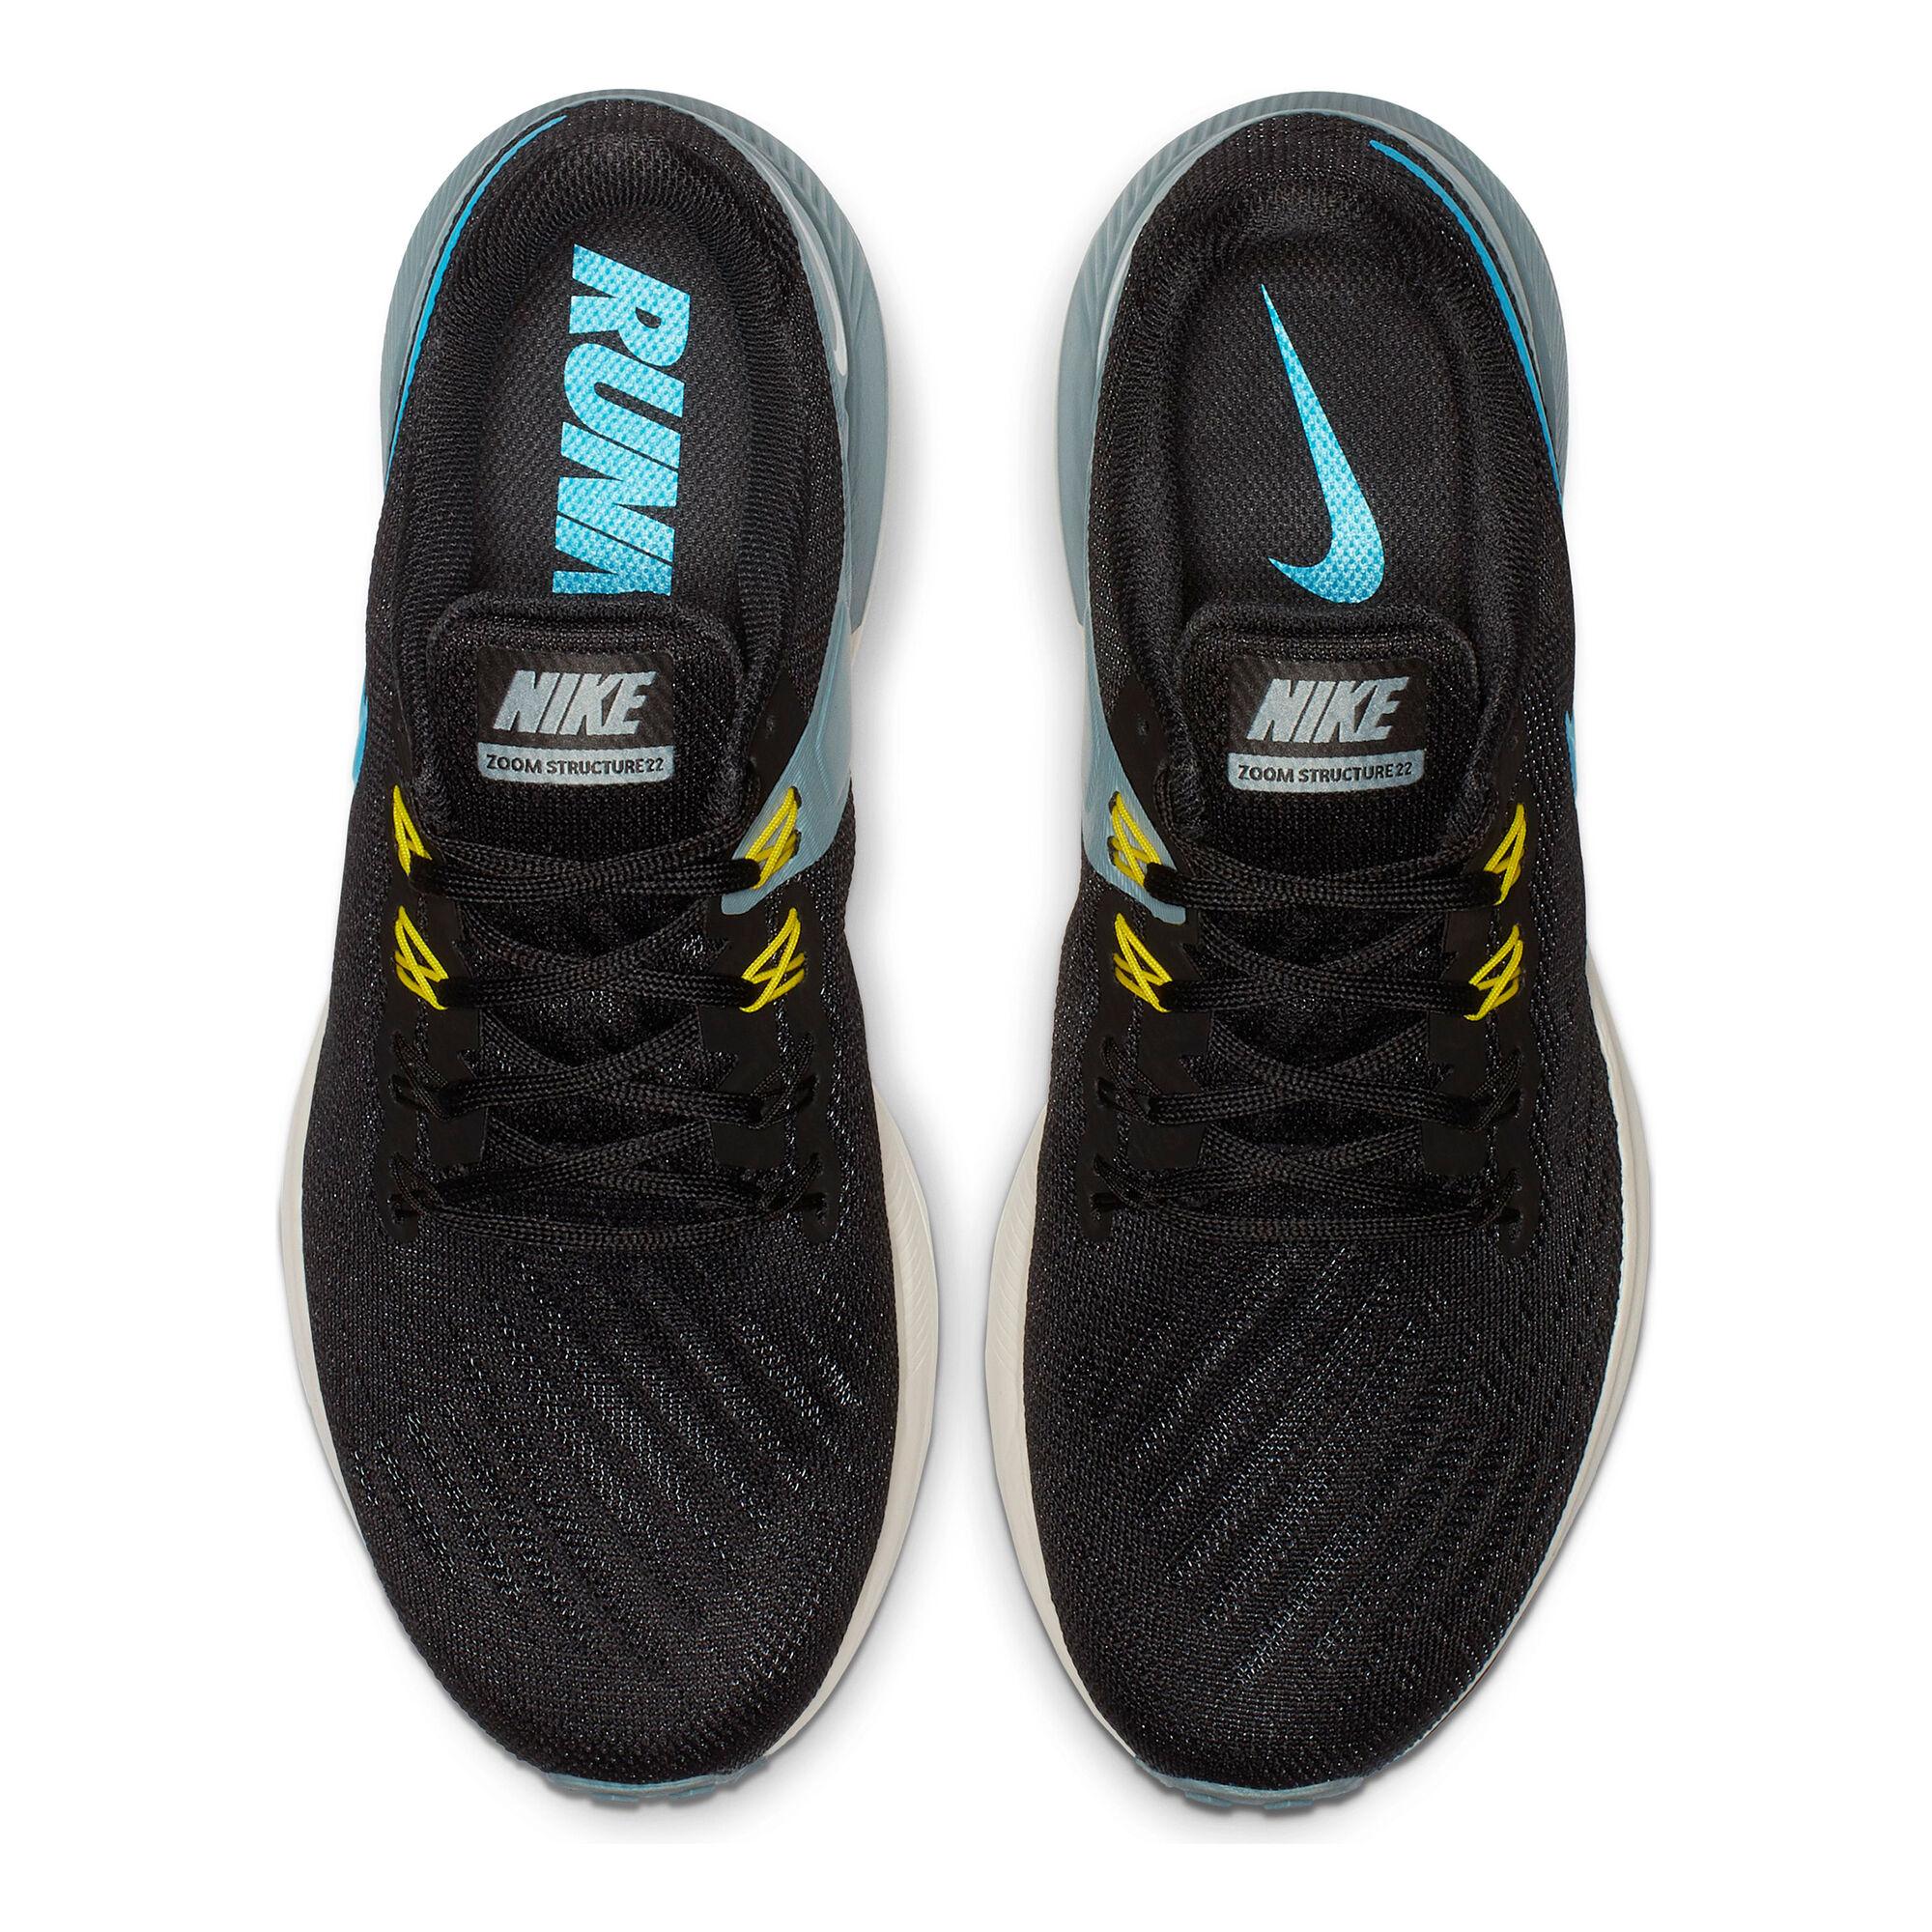 bafe71ef2ea6c ... Nike · Nike · Nike · Nike · Nike · Nike. Air Zoom Structure 22 Men ...